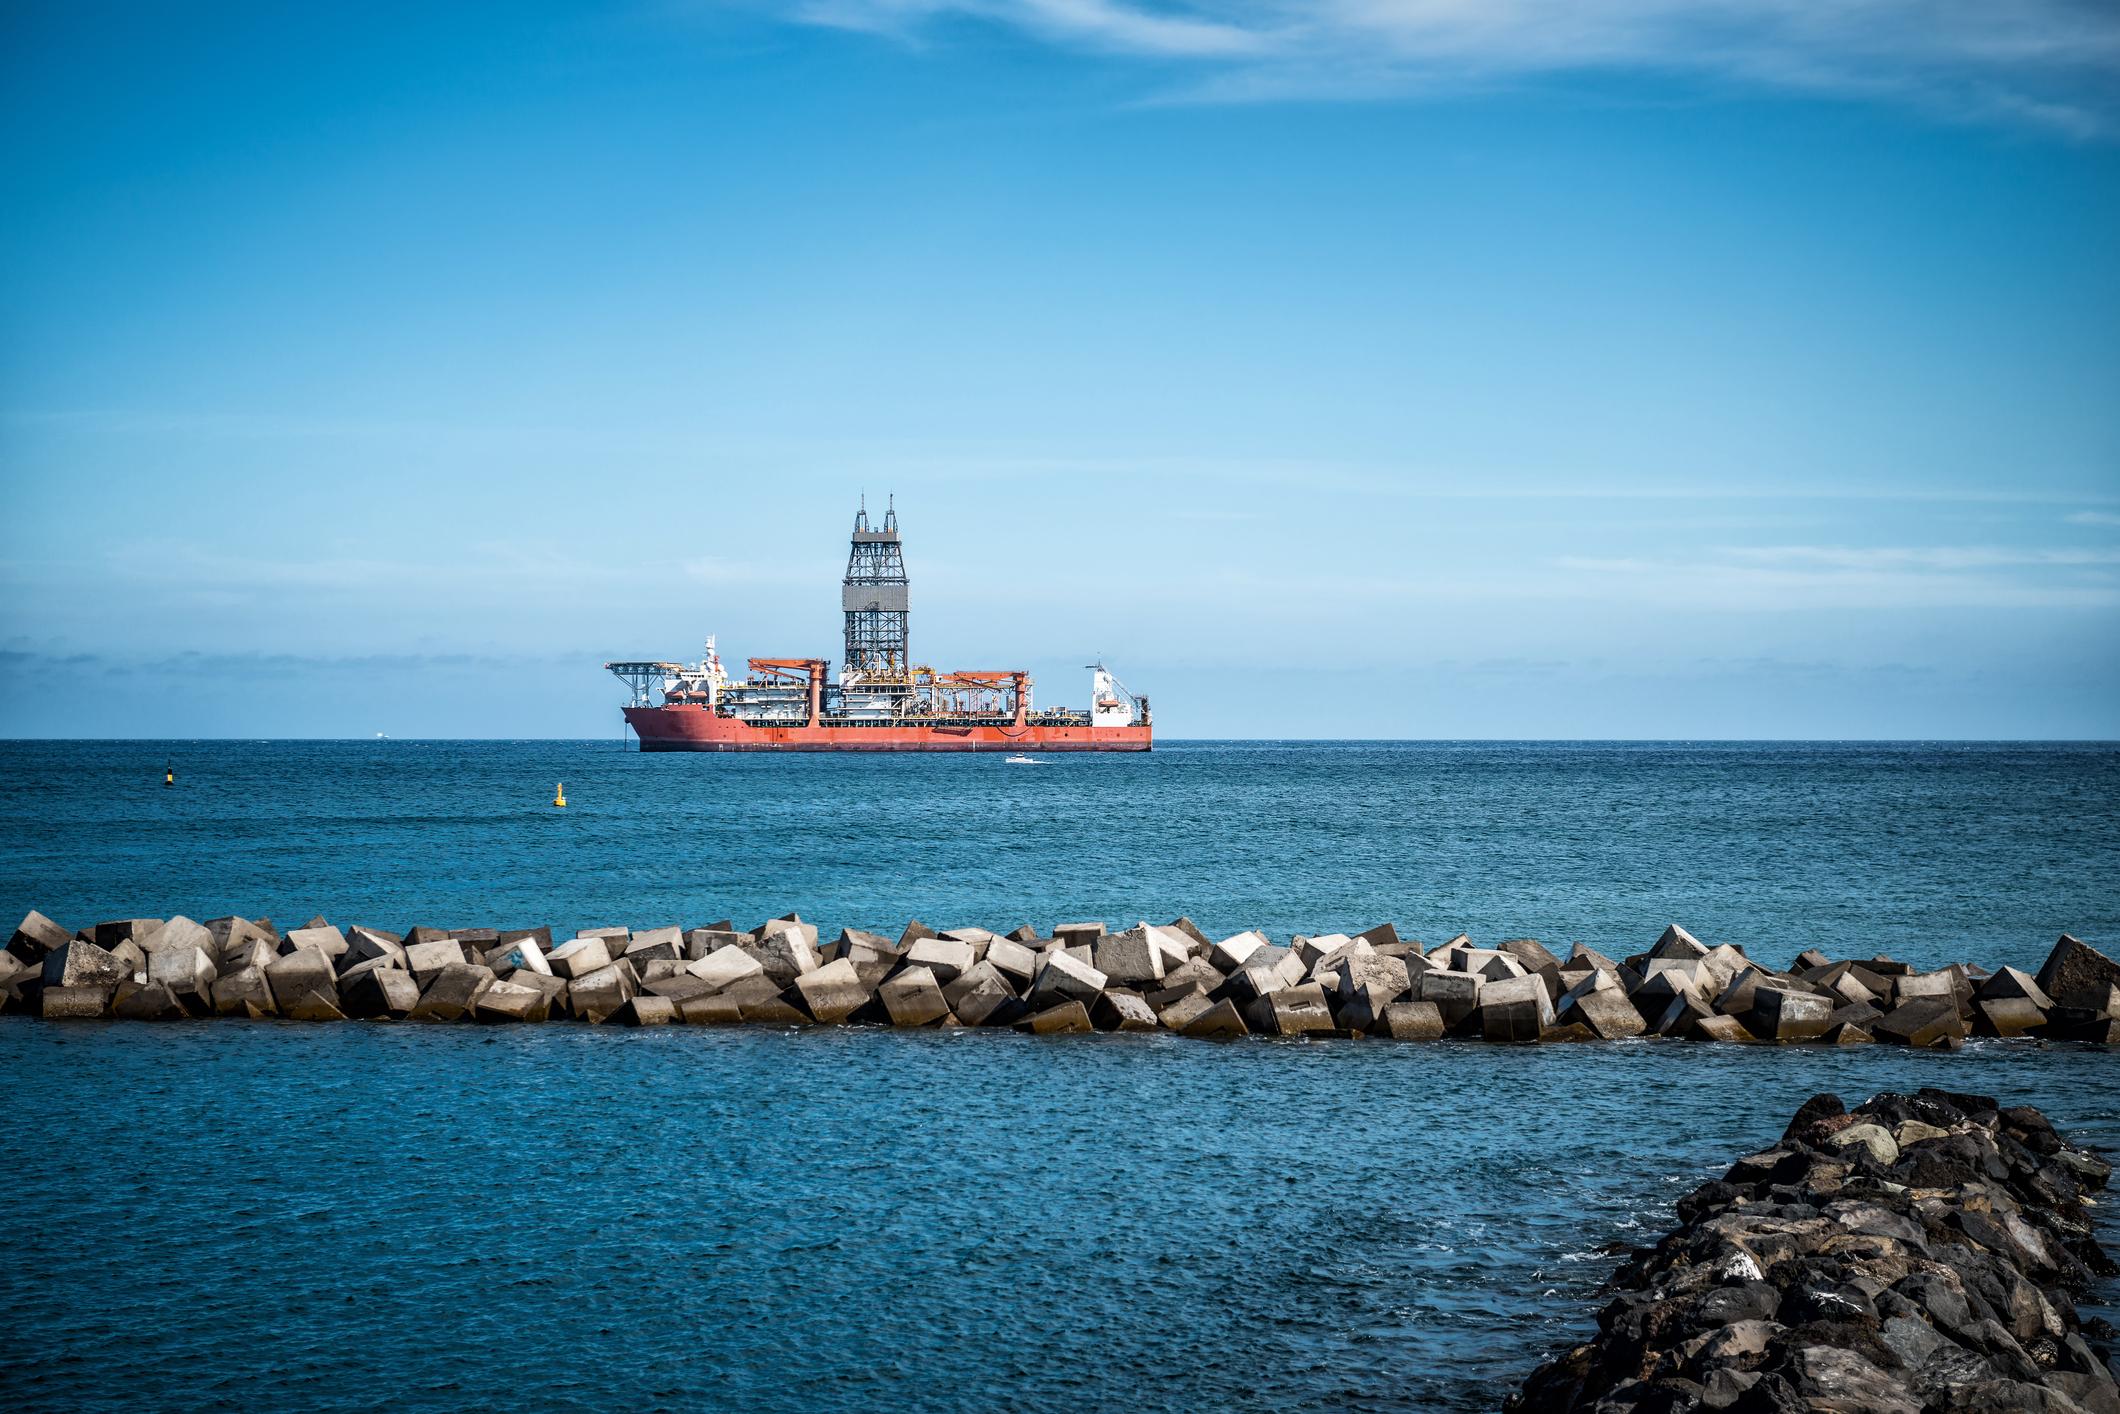 Drillship at sea.